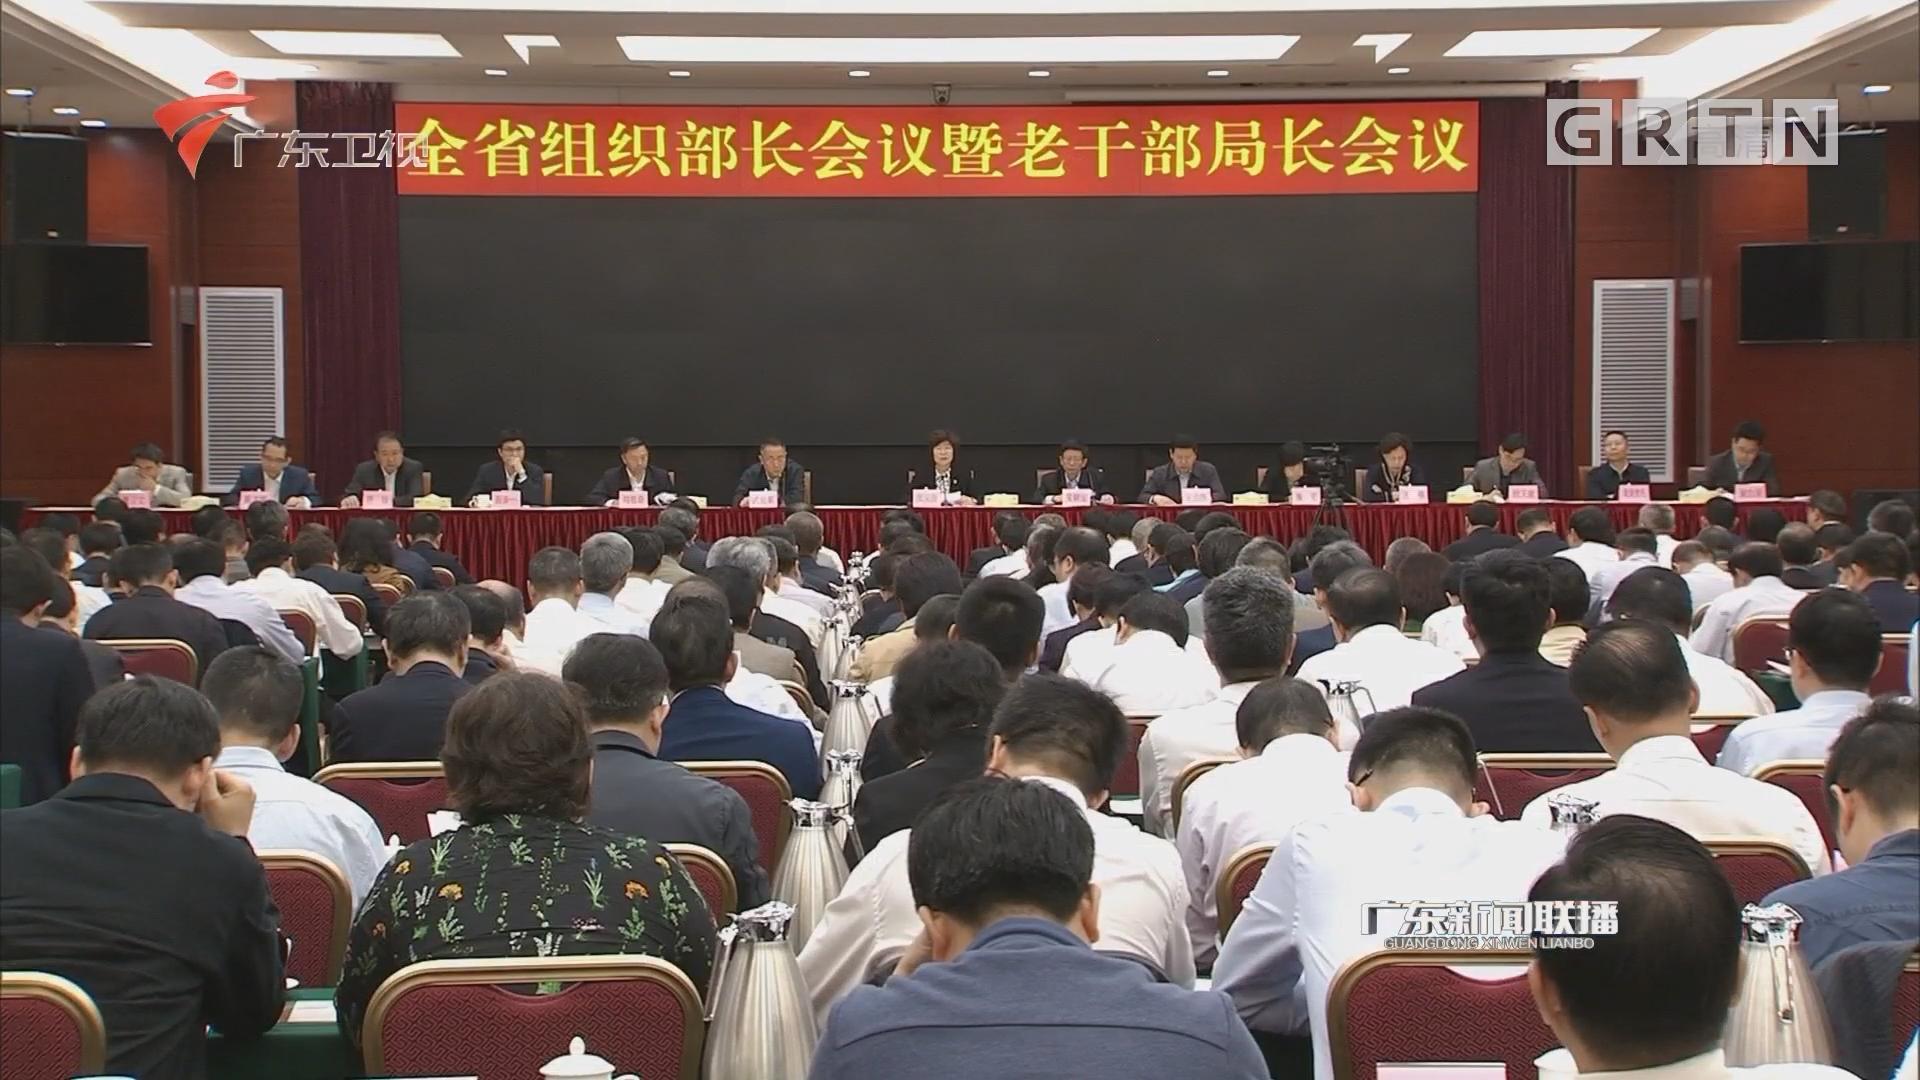 全省组织部长会议暨老干部局长会议在广州召开